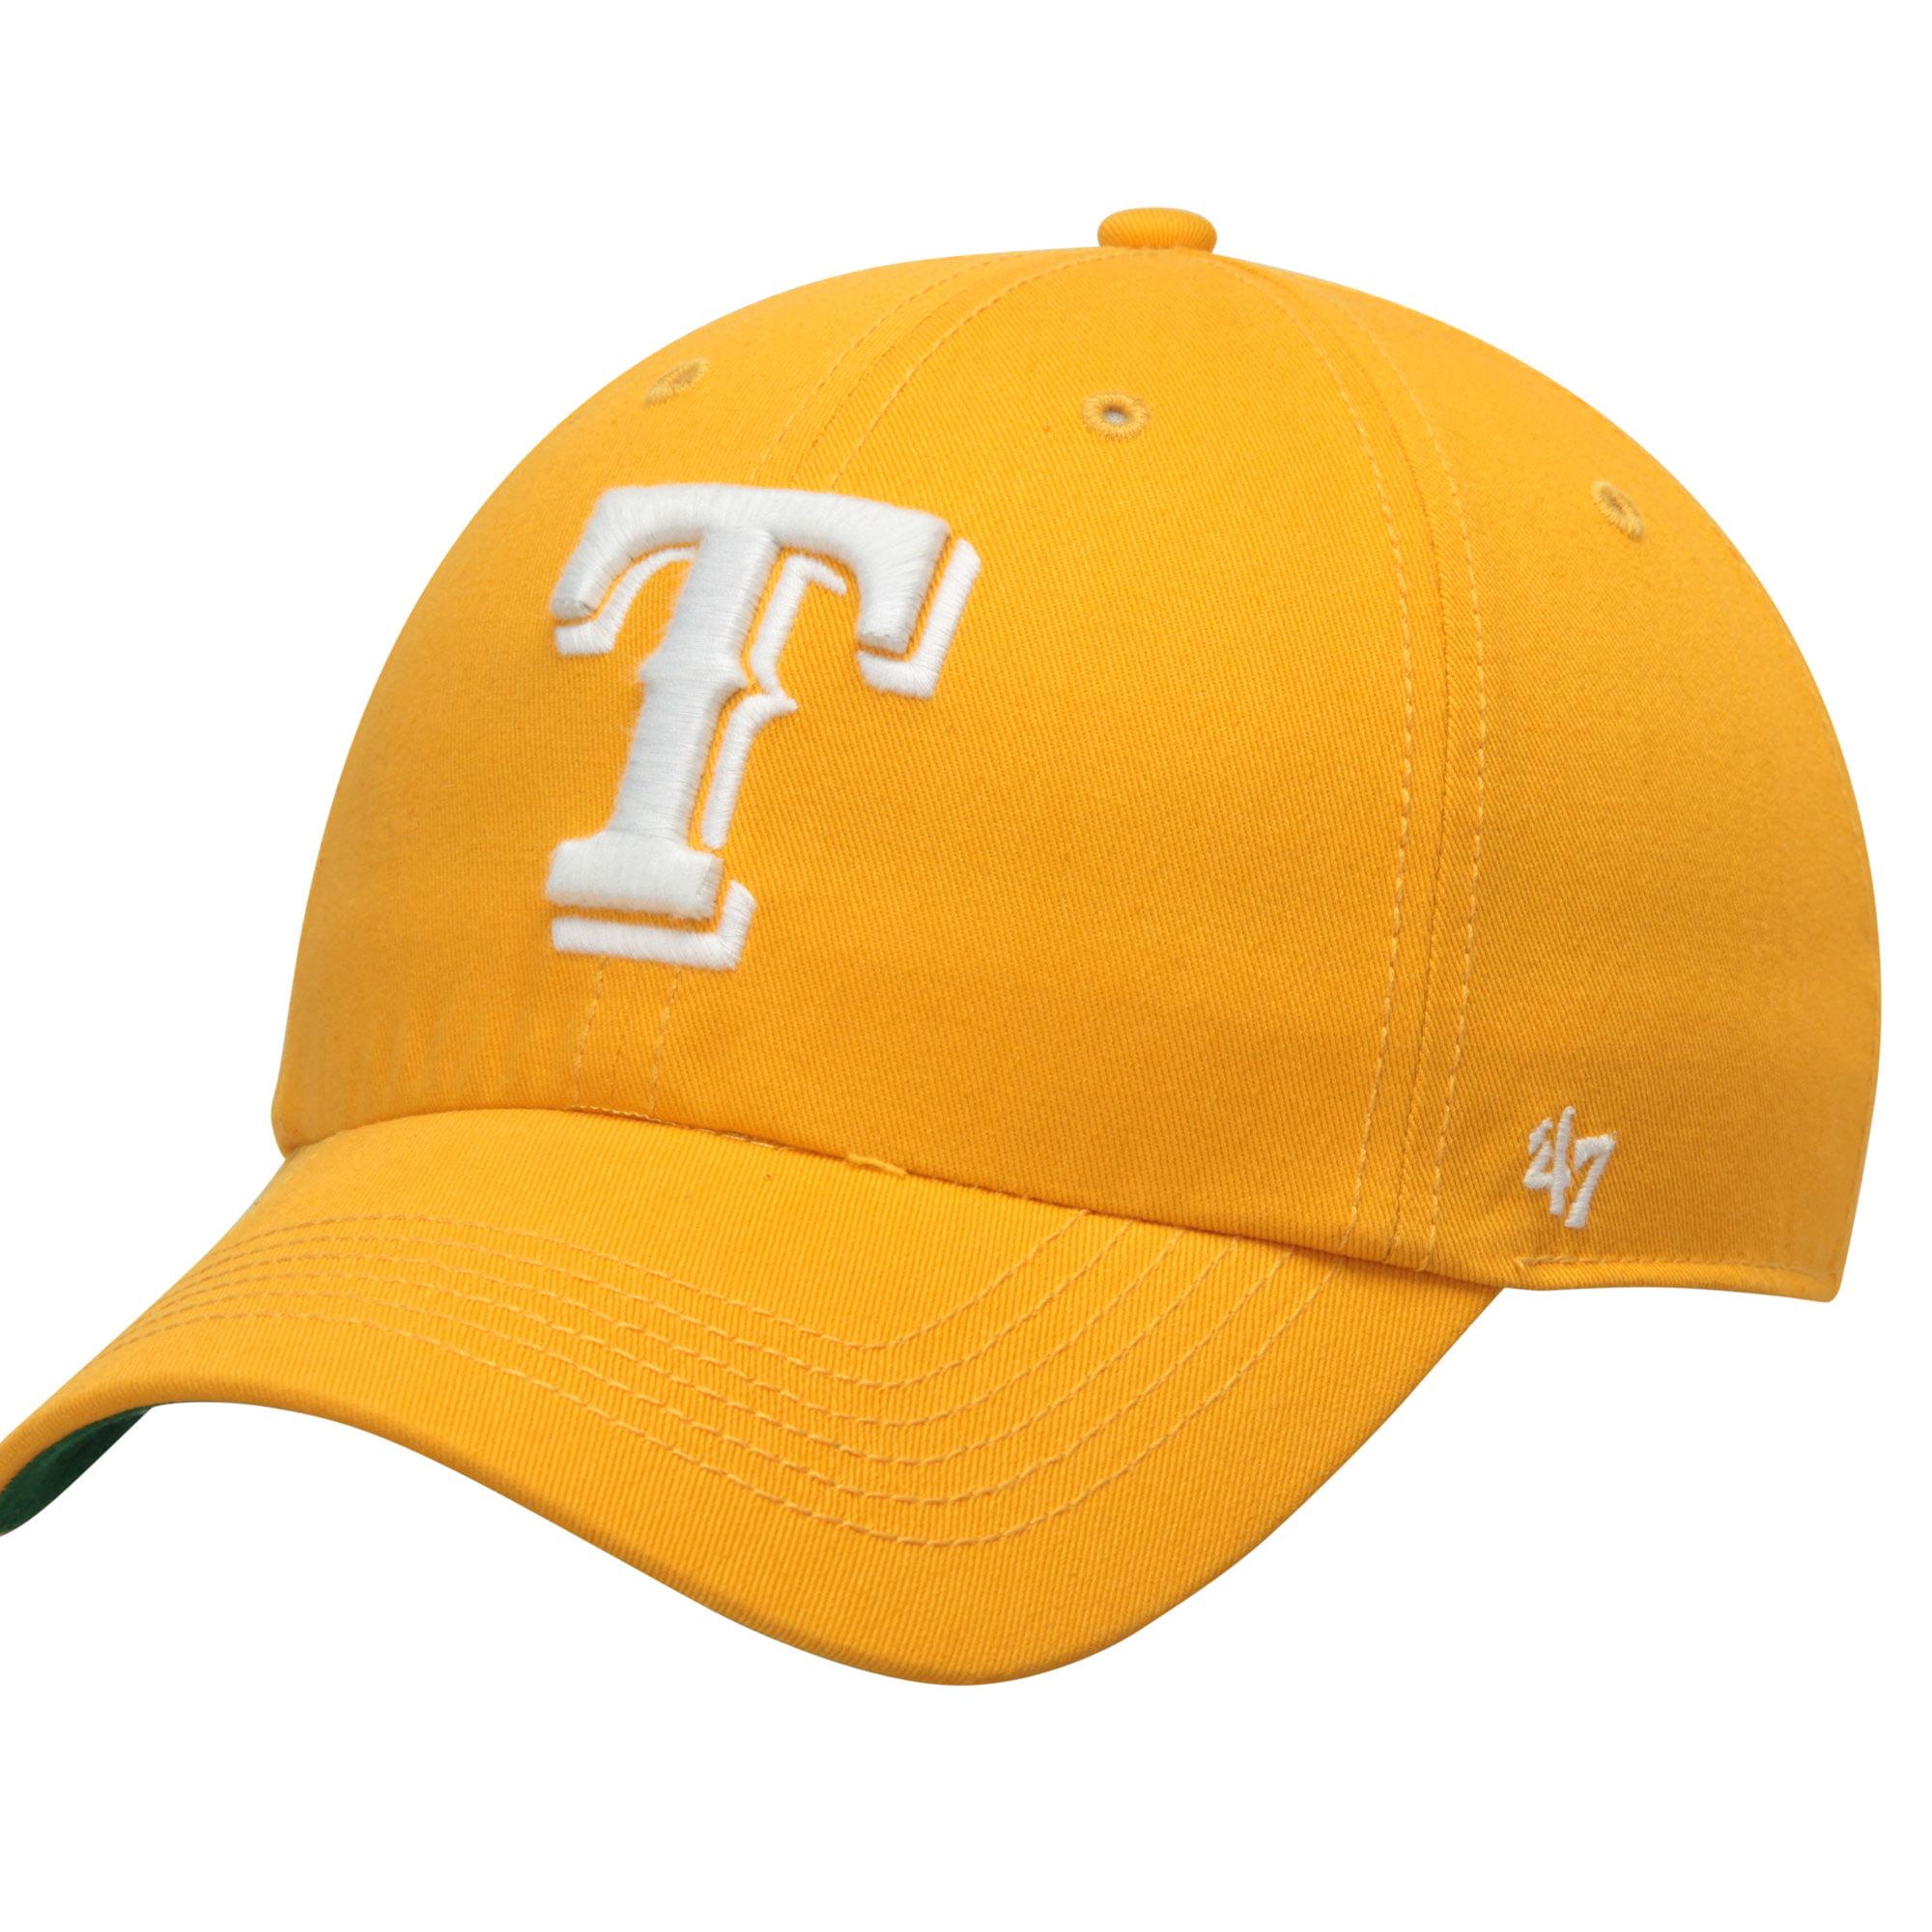 Texas Rangers '47 Bergen Clean Up Adjustable Hat - Yellow - OSFA